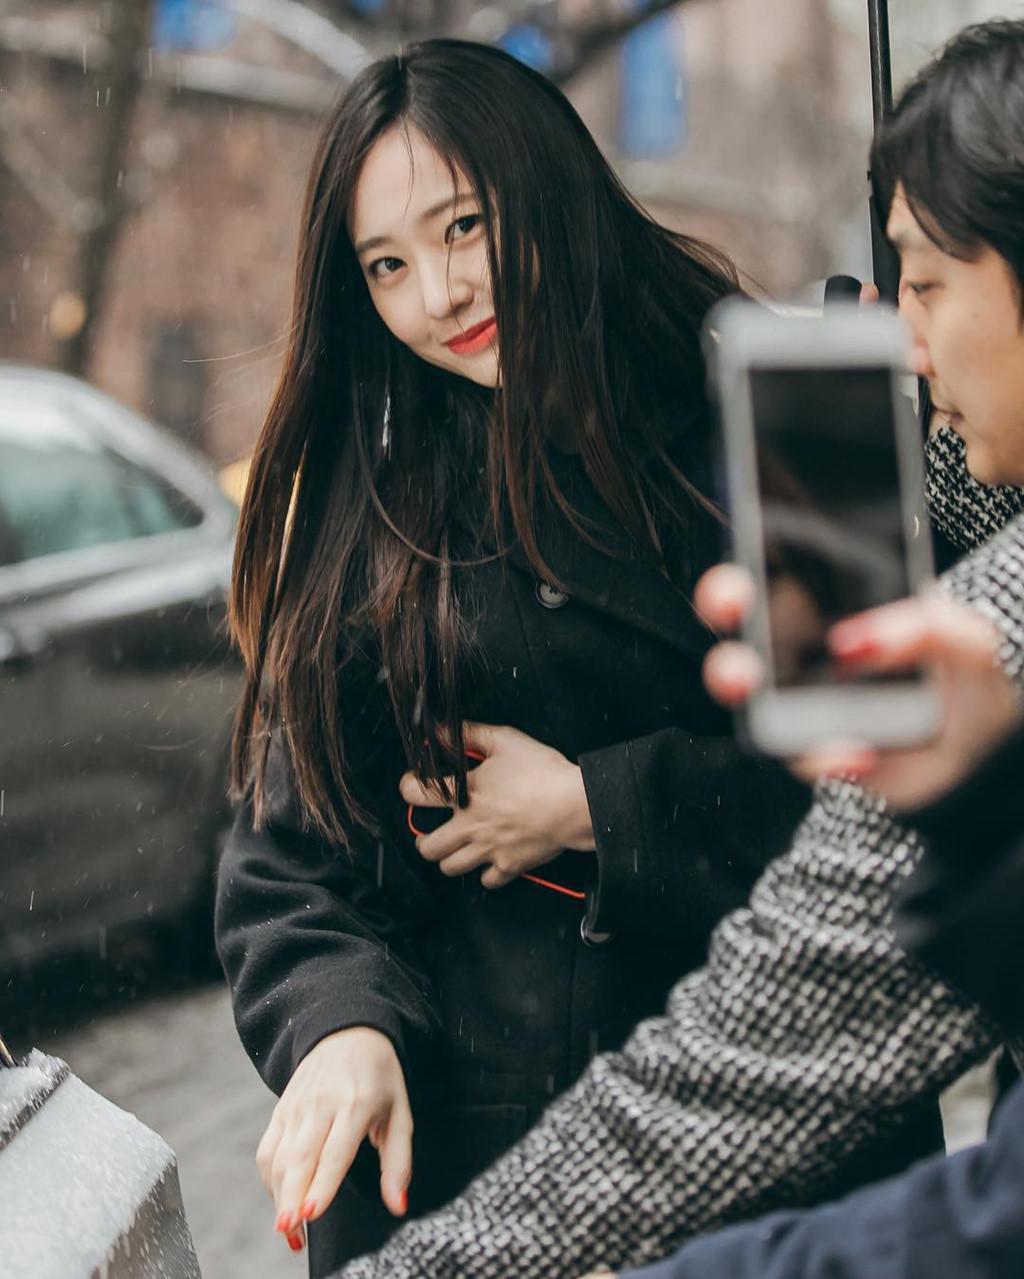 'Thần tiên tỷ tỷ' Văn Vịnh San xinh đẹp không kém Krystal - Ảnh 5